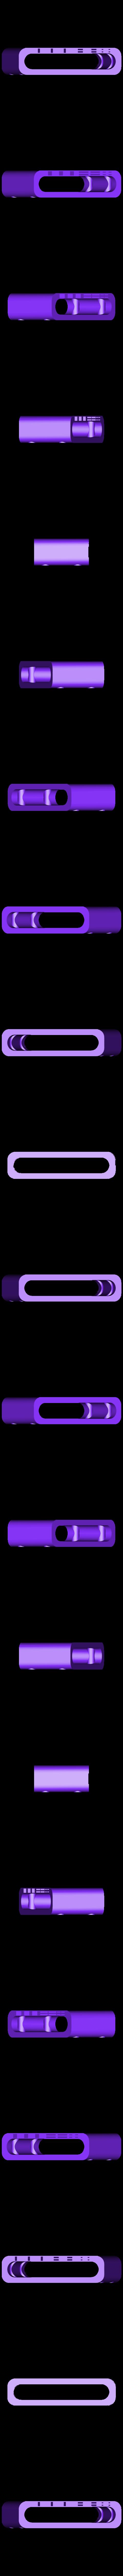 Pièce1.STL Télécharger fichier STL Meuble pour ordinateur avec porte carte sd, micro sd et clef USB • Design imprimable en 3D, GuilhemPerroud